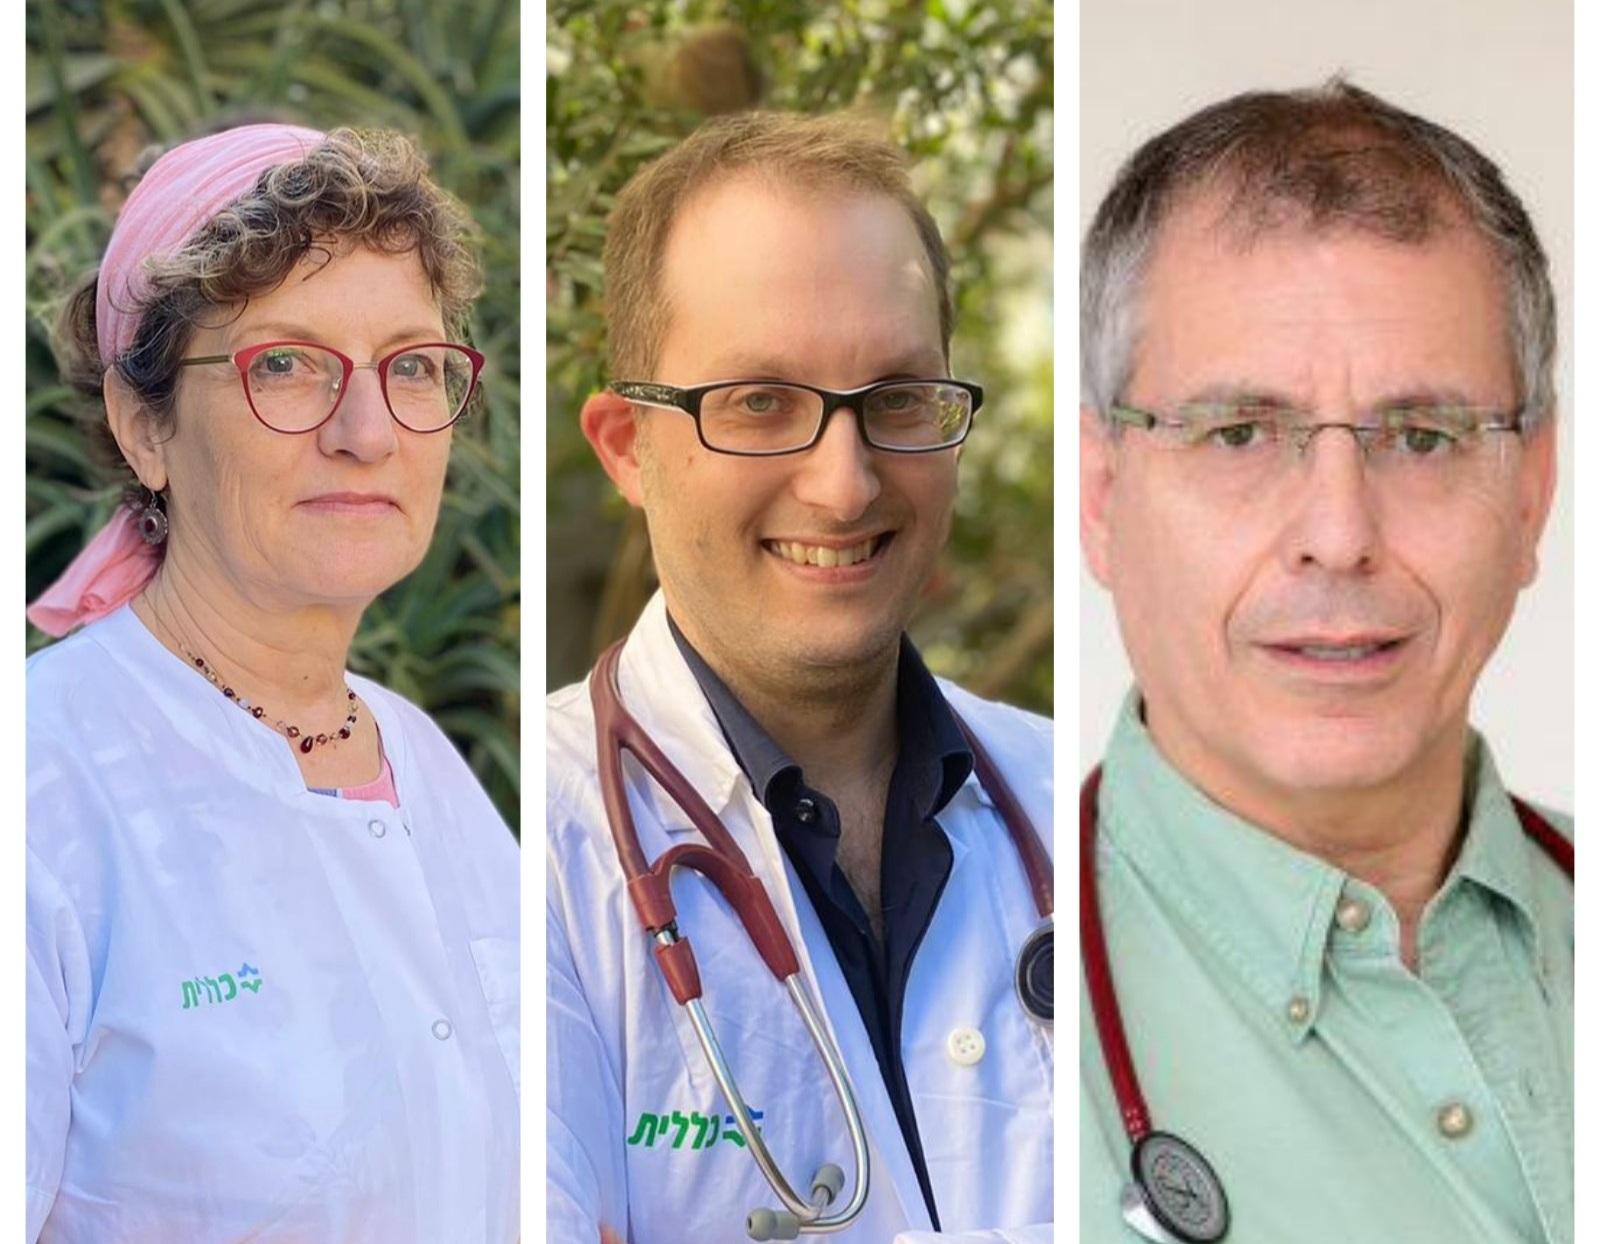 """ד""""ר יאן מיסקין, ד""""ר תום אקסלרוד וד""""ר דינה הרברט (צילום: דוברות כללילת)"""